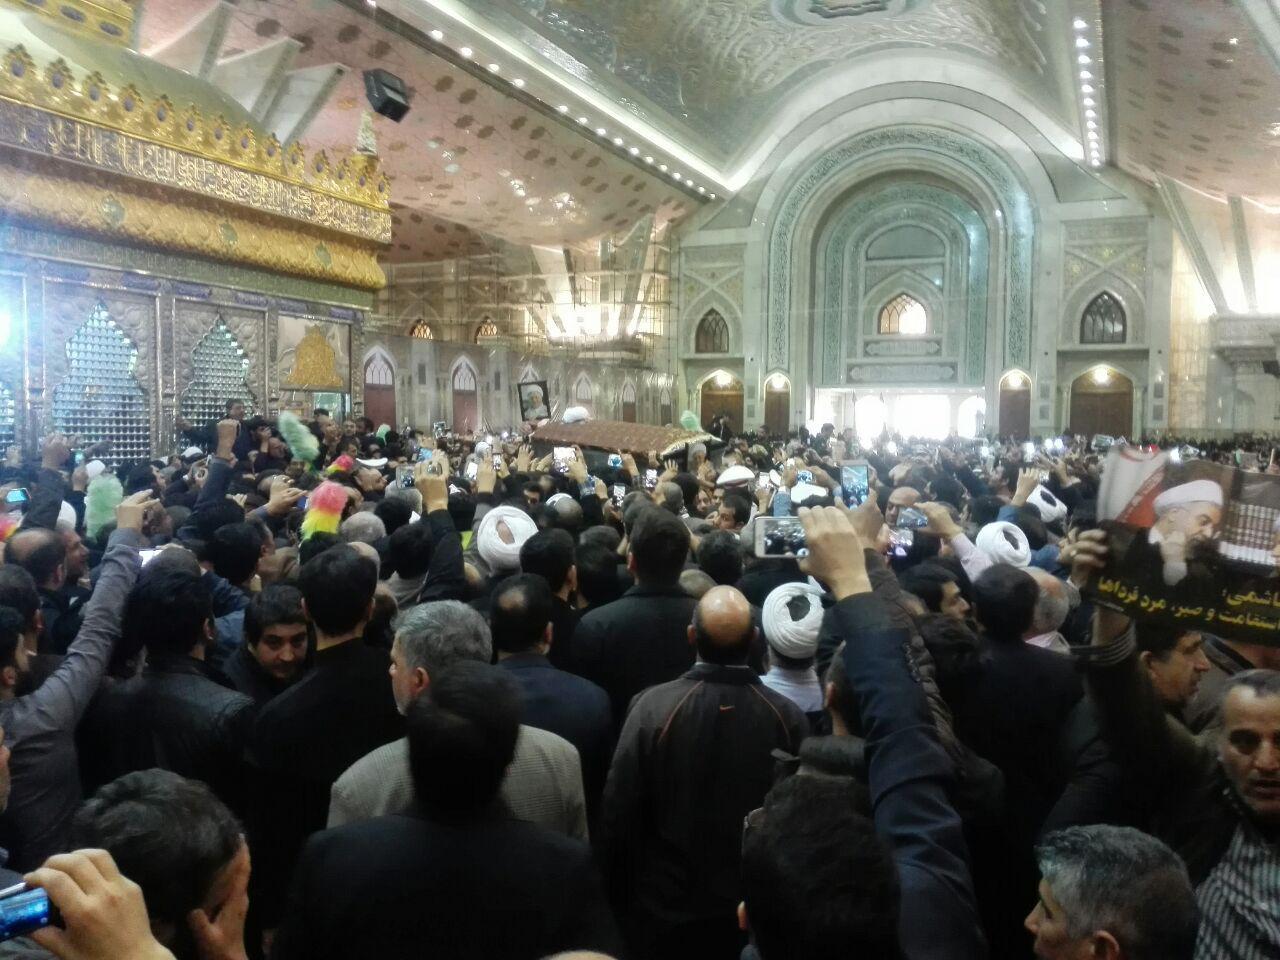 مراسم تشییع و تدفین پیکر آیت الله هاشمی رفسنجانی در حرم امام راحل آغاز شد